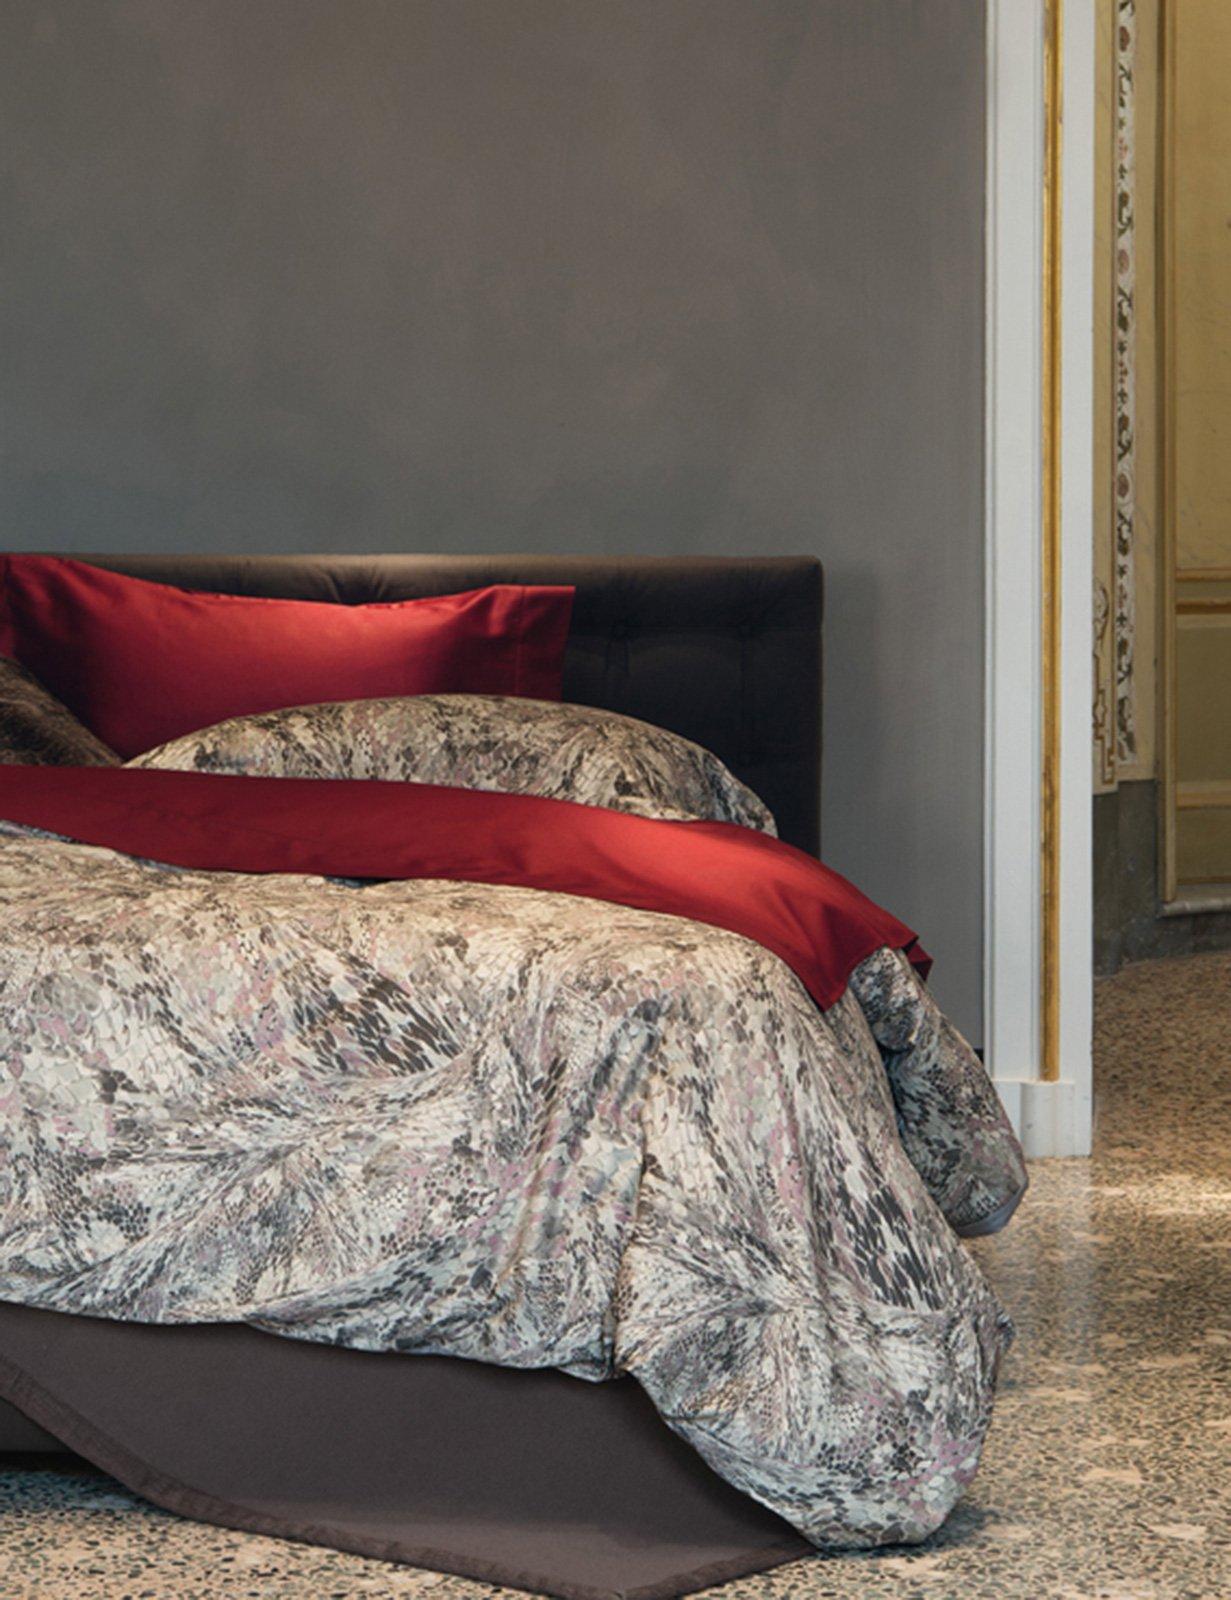 outlet store 87551 f65c7 Biancheria per il letto - Cose di Casa